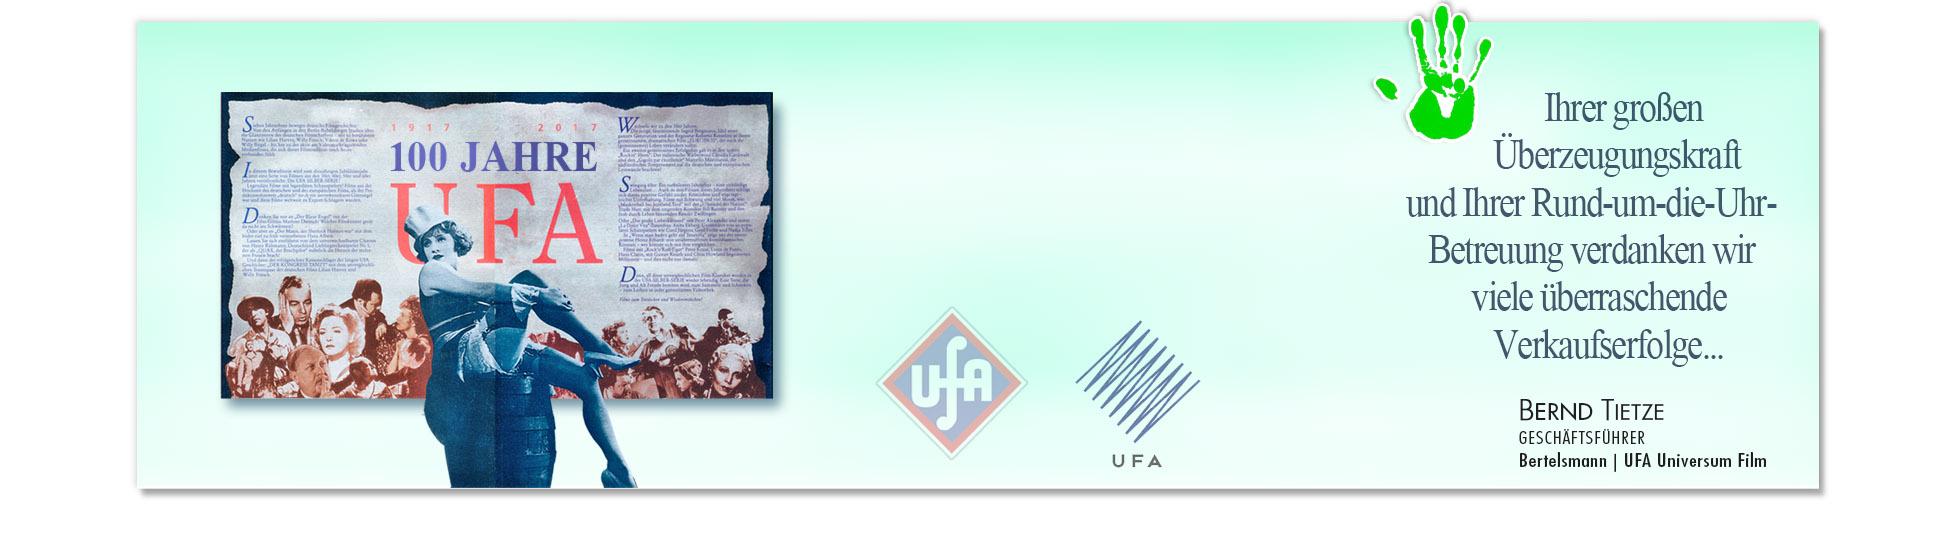 Zufriedener Kunde: BERTELSMANN - UFA wegen erfolgreiche Kampagnen derSchoellmann & Sie ist Werbeagentur, Marketingagentur, Gender Marketing, Webdesign, Personal Marketing, Employer Branding